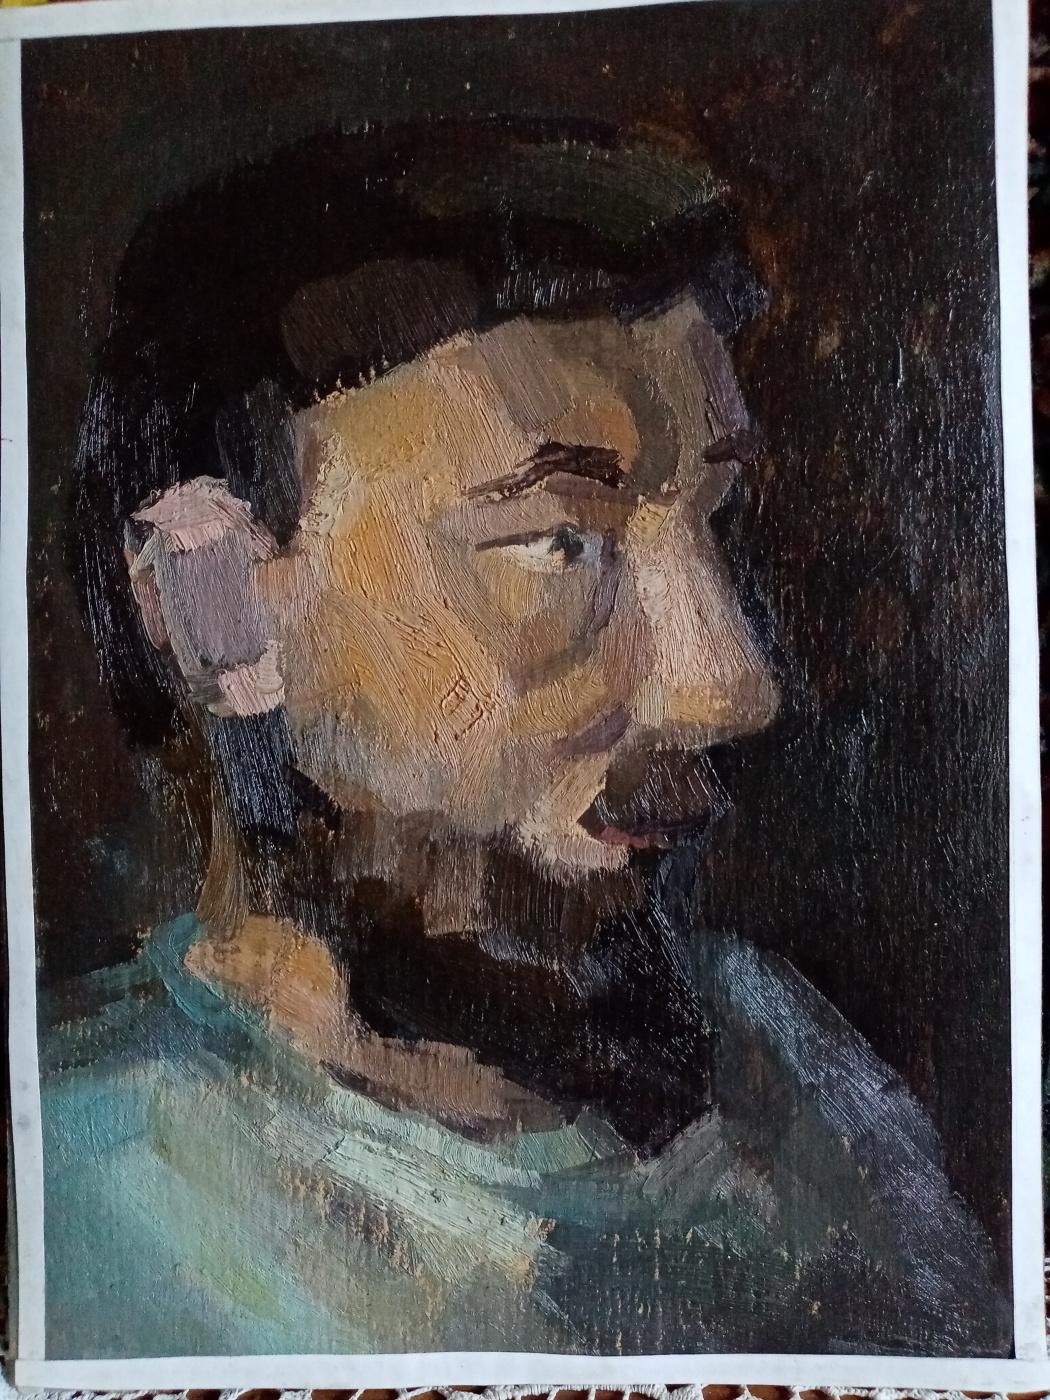 Alexey Olegovich Artamonov. Self-portrait